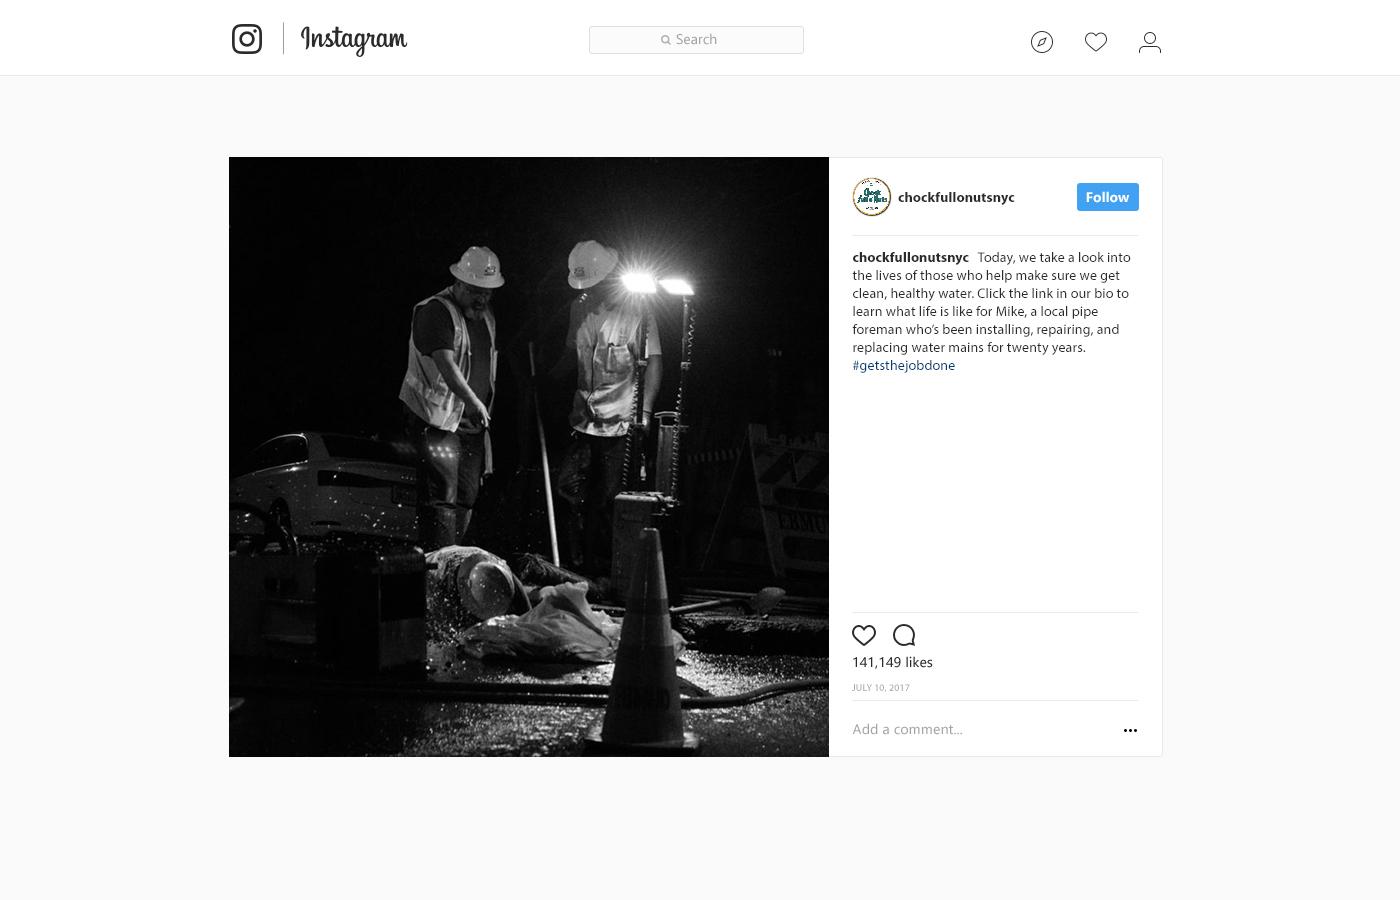 video water mainchock full o nuts instagram-VIDEO post-2017-win (1).jpg